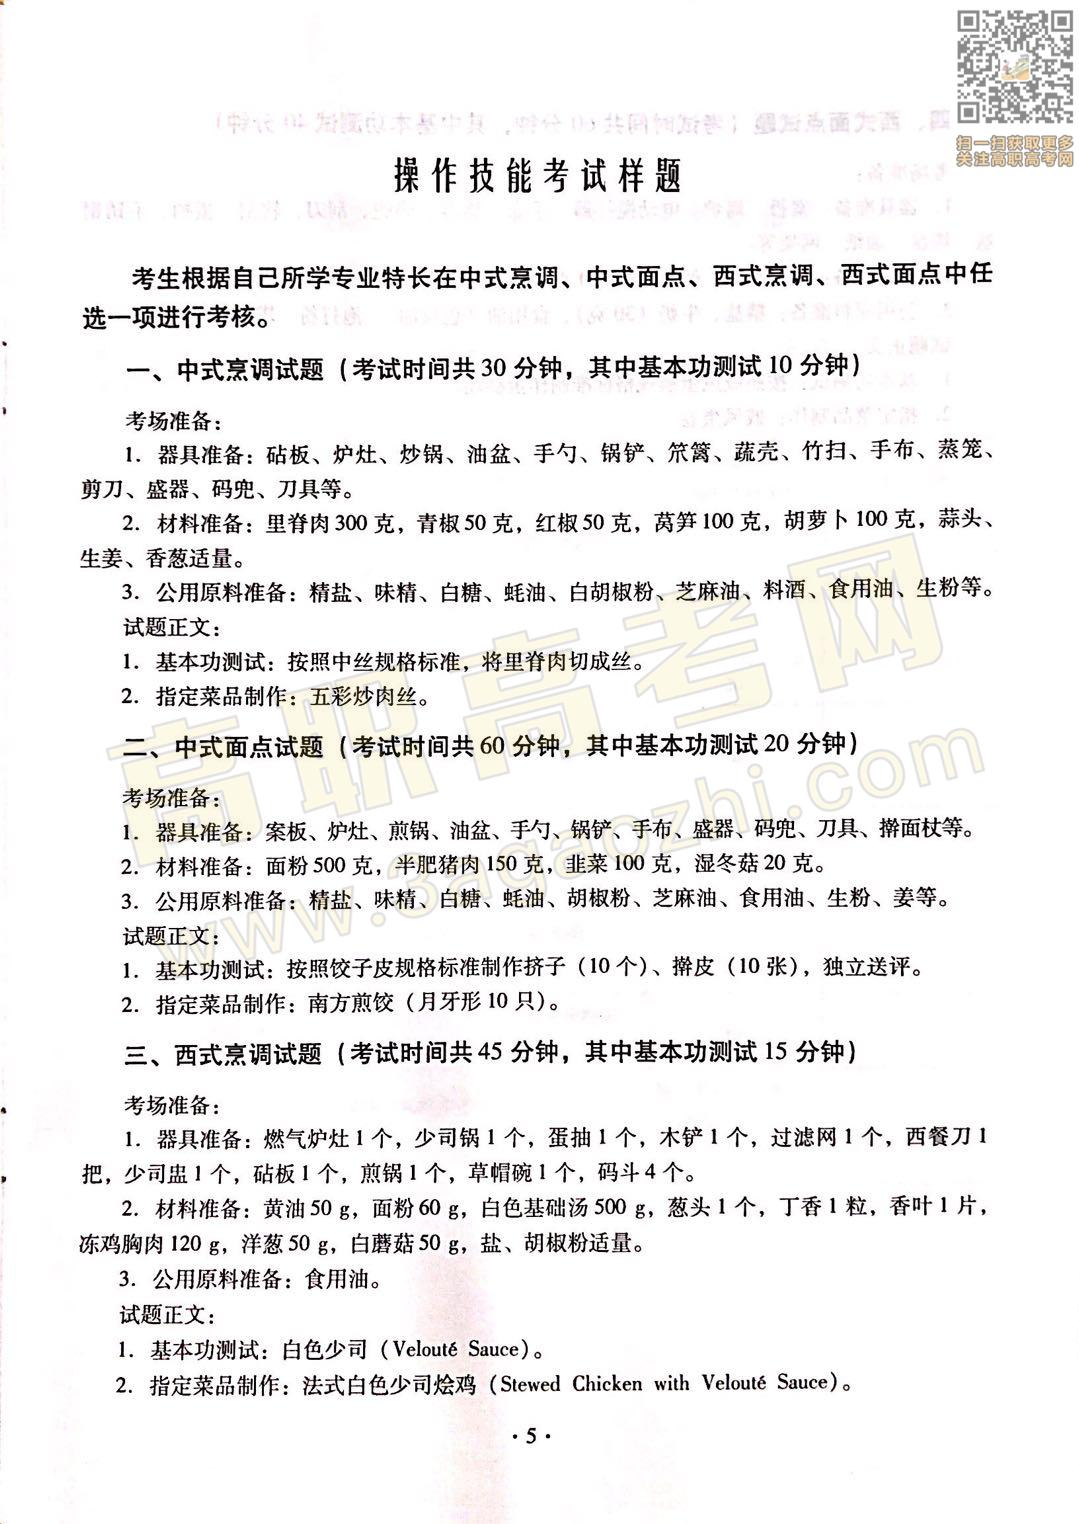 烹饪证书,2020年广东中职技能课程考试大纲及样题